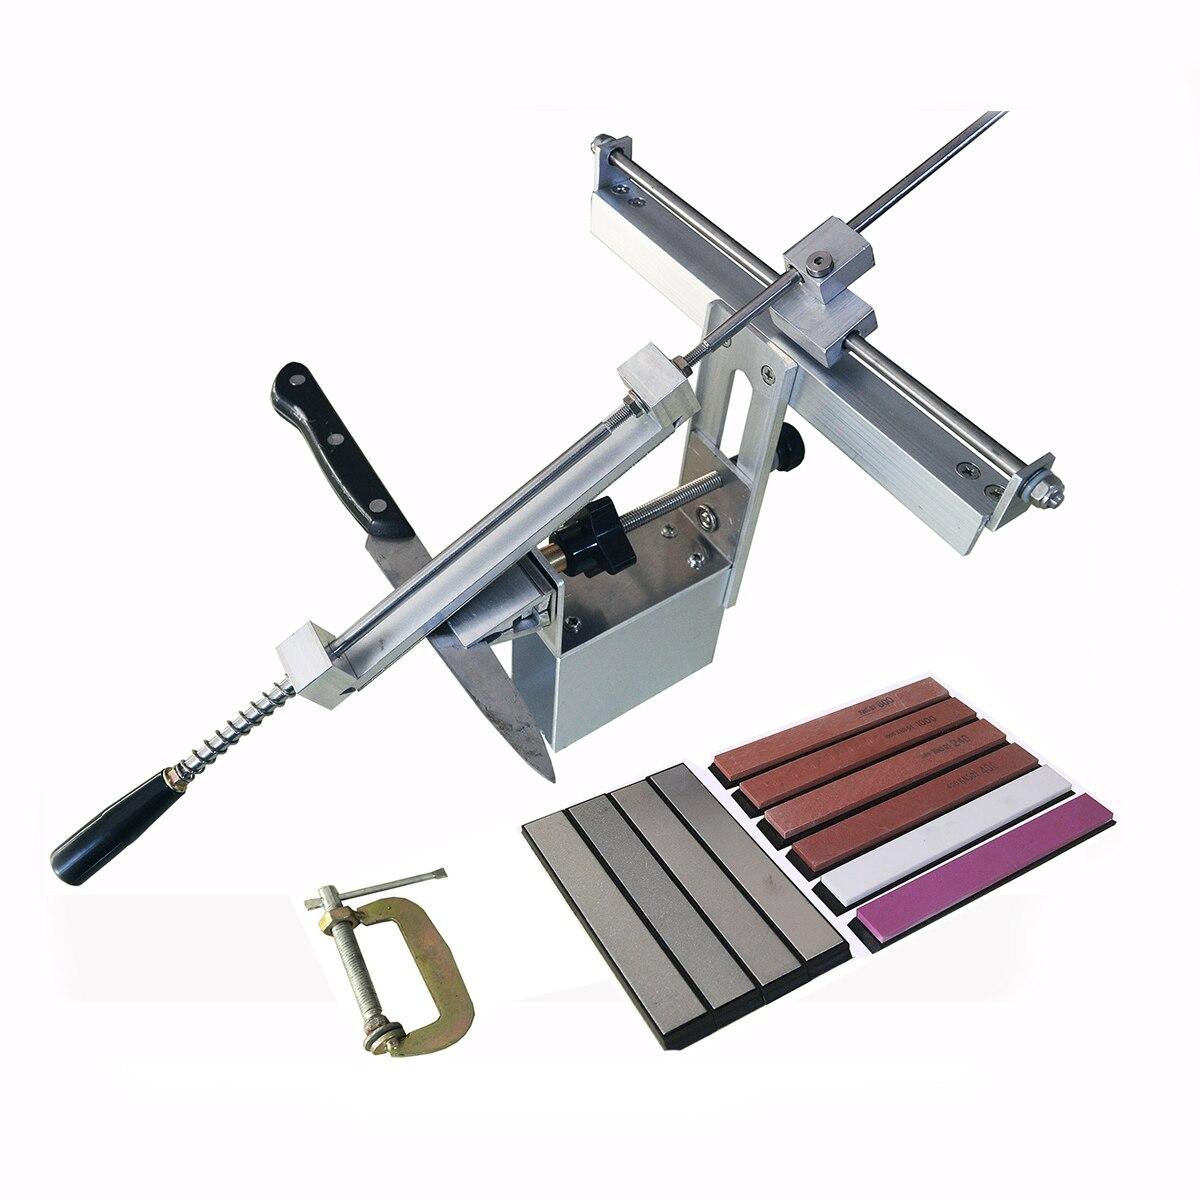 Affûteuse de couteau KME II meuleuse professionnelle pour affûter le système de meulage de couteau de Profession affûteuse de couteau de bord d'apex 1 diamant